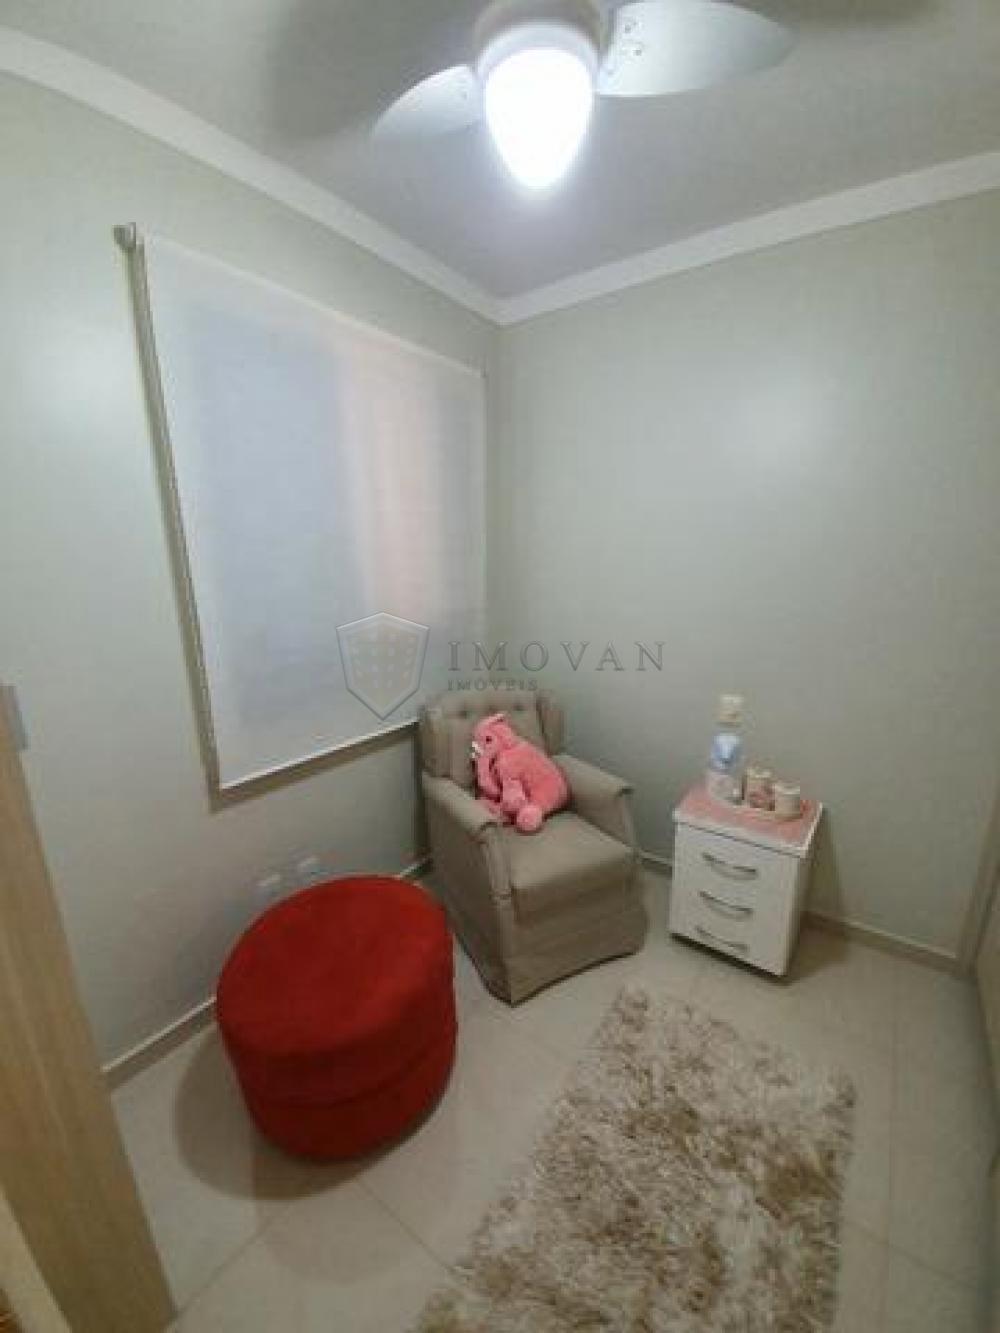 Comprar Apartamento / Padrão em Ribeirão Preto apenas R$ 680.000,00 - Foto 12